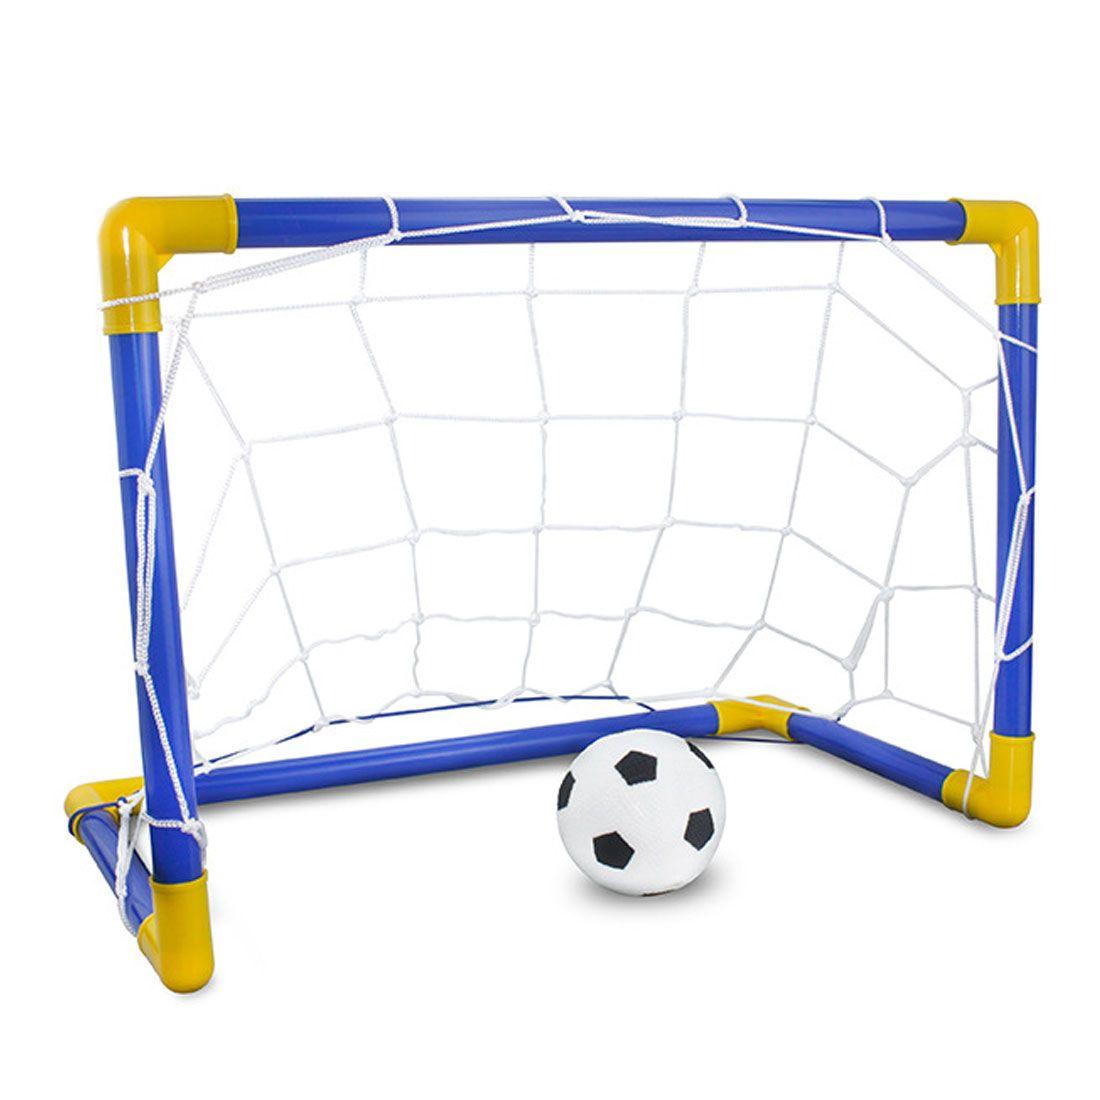 Hot 1 Set 축구 공과 펌프가있는 스포츠 축구 목표 실외 스포츠 실습 Scrimmage Game 분리 가능한 축구 게이트